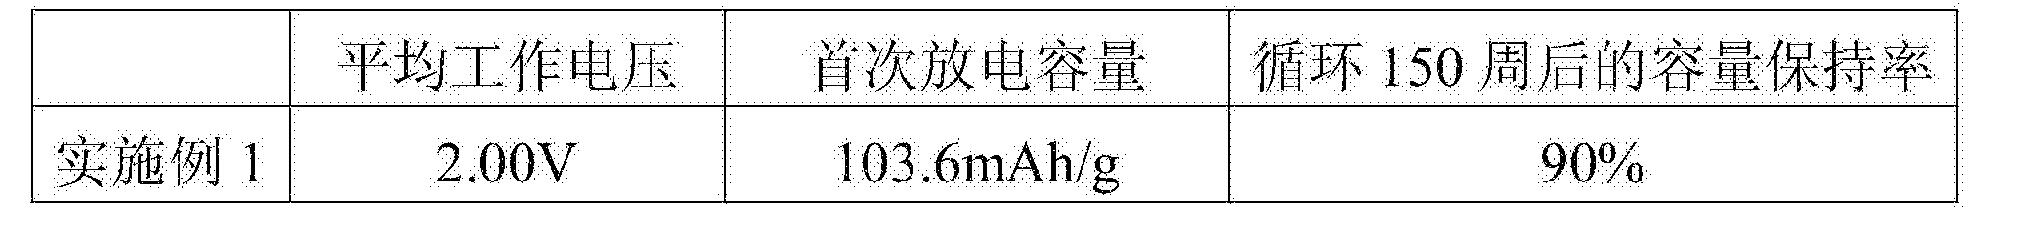 Figure CN105789690BD00071